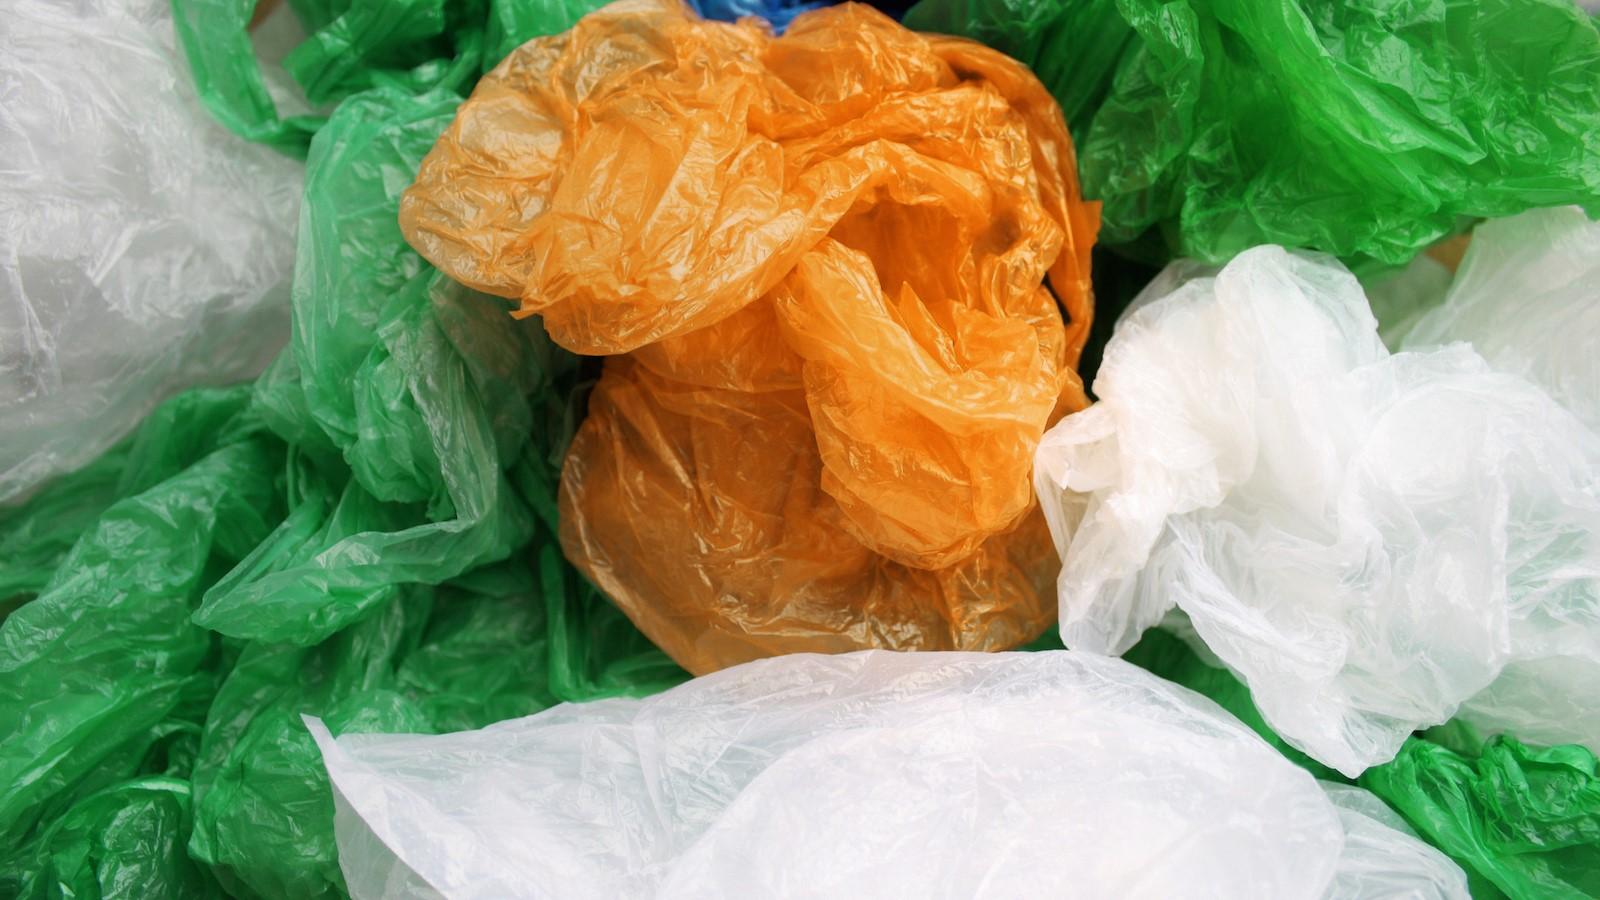 September Newsletter 2021: The hard facts on soft plastics